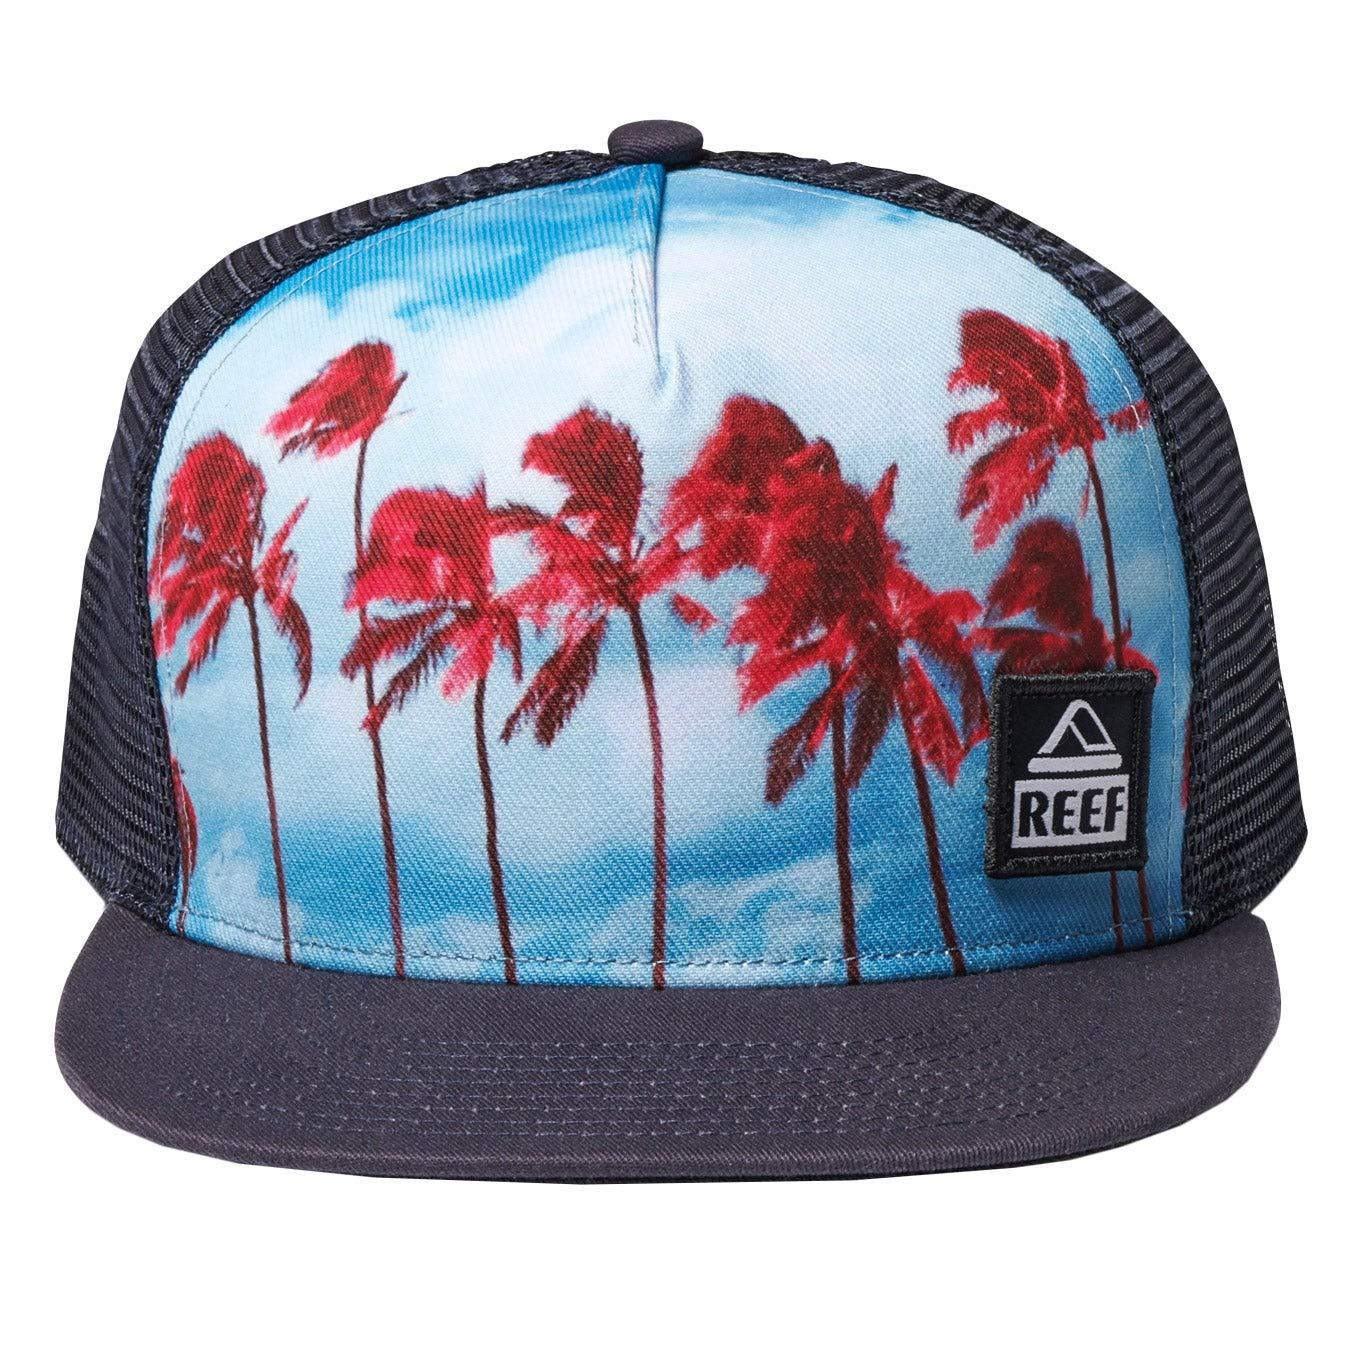 Reef Gorra Trucker Beach State de Beisbol Baseball (Talla única ...